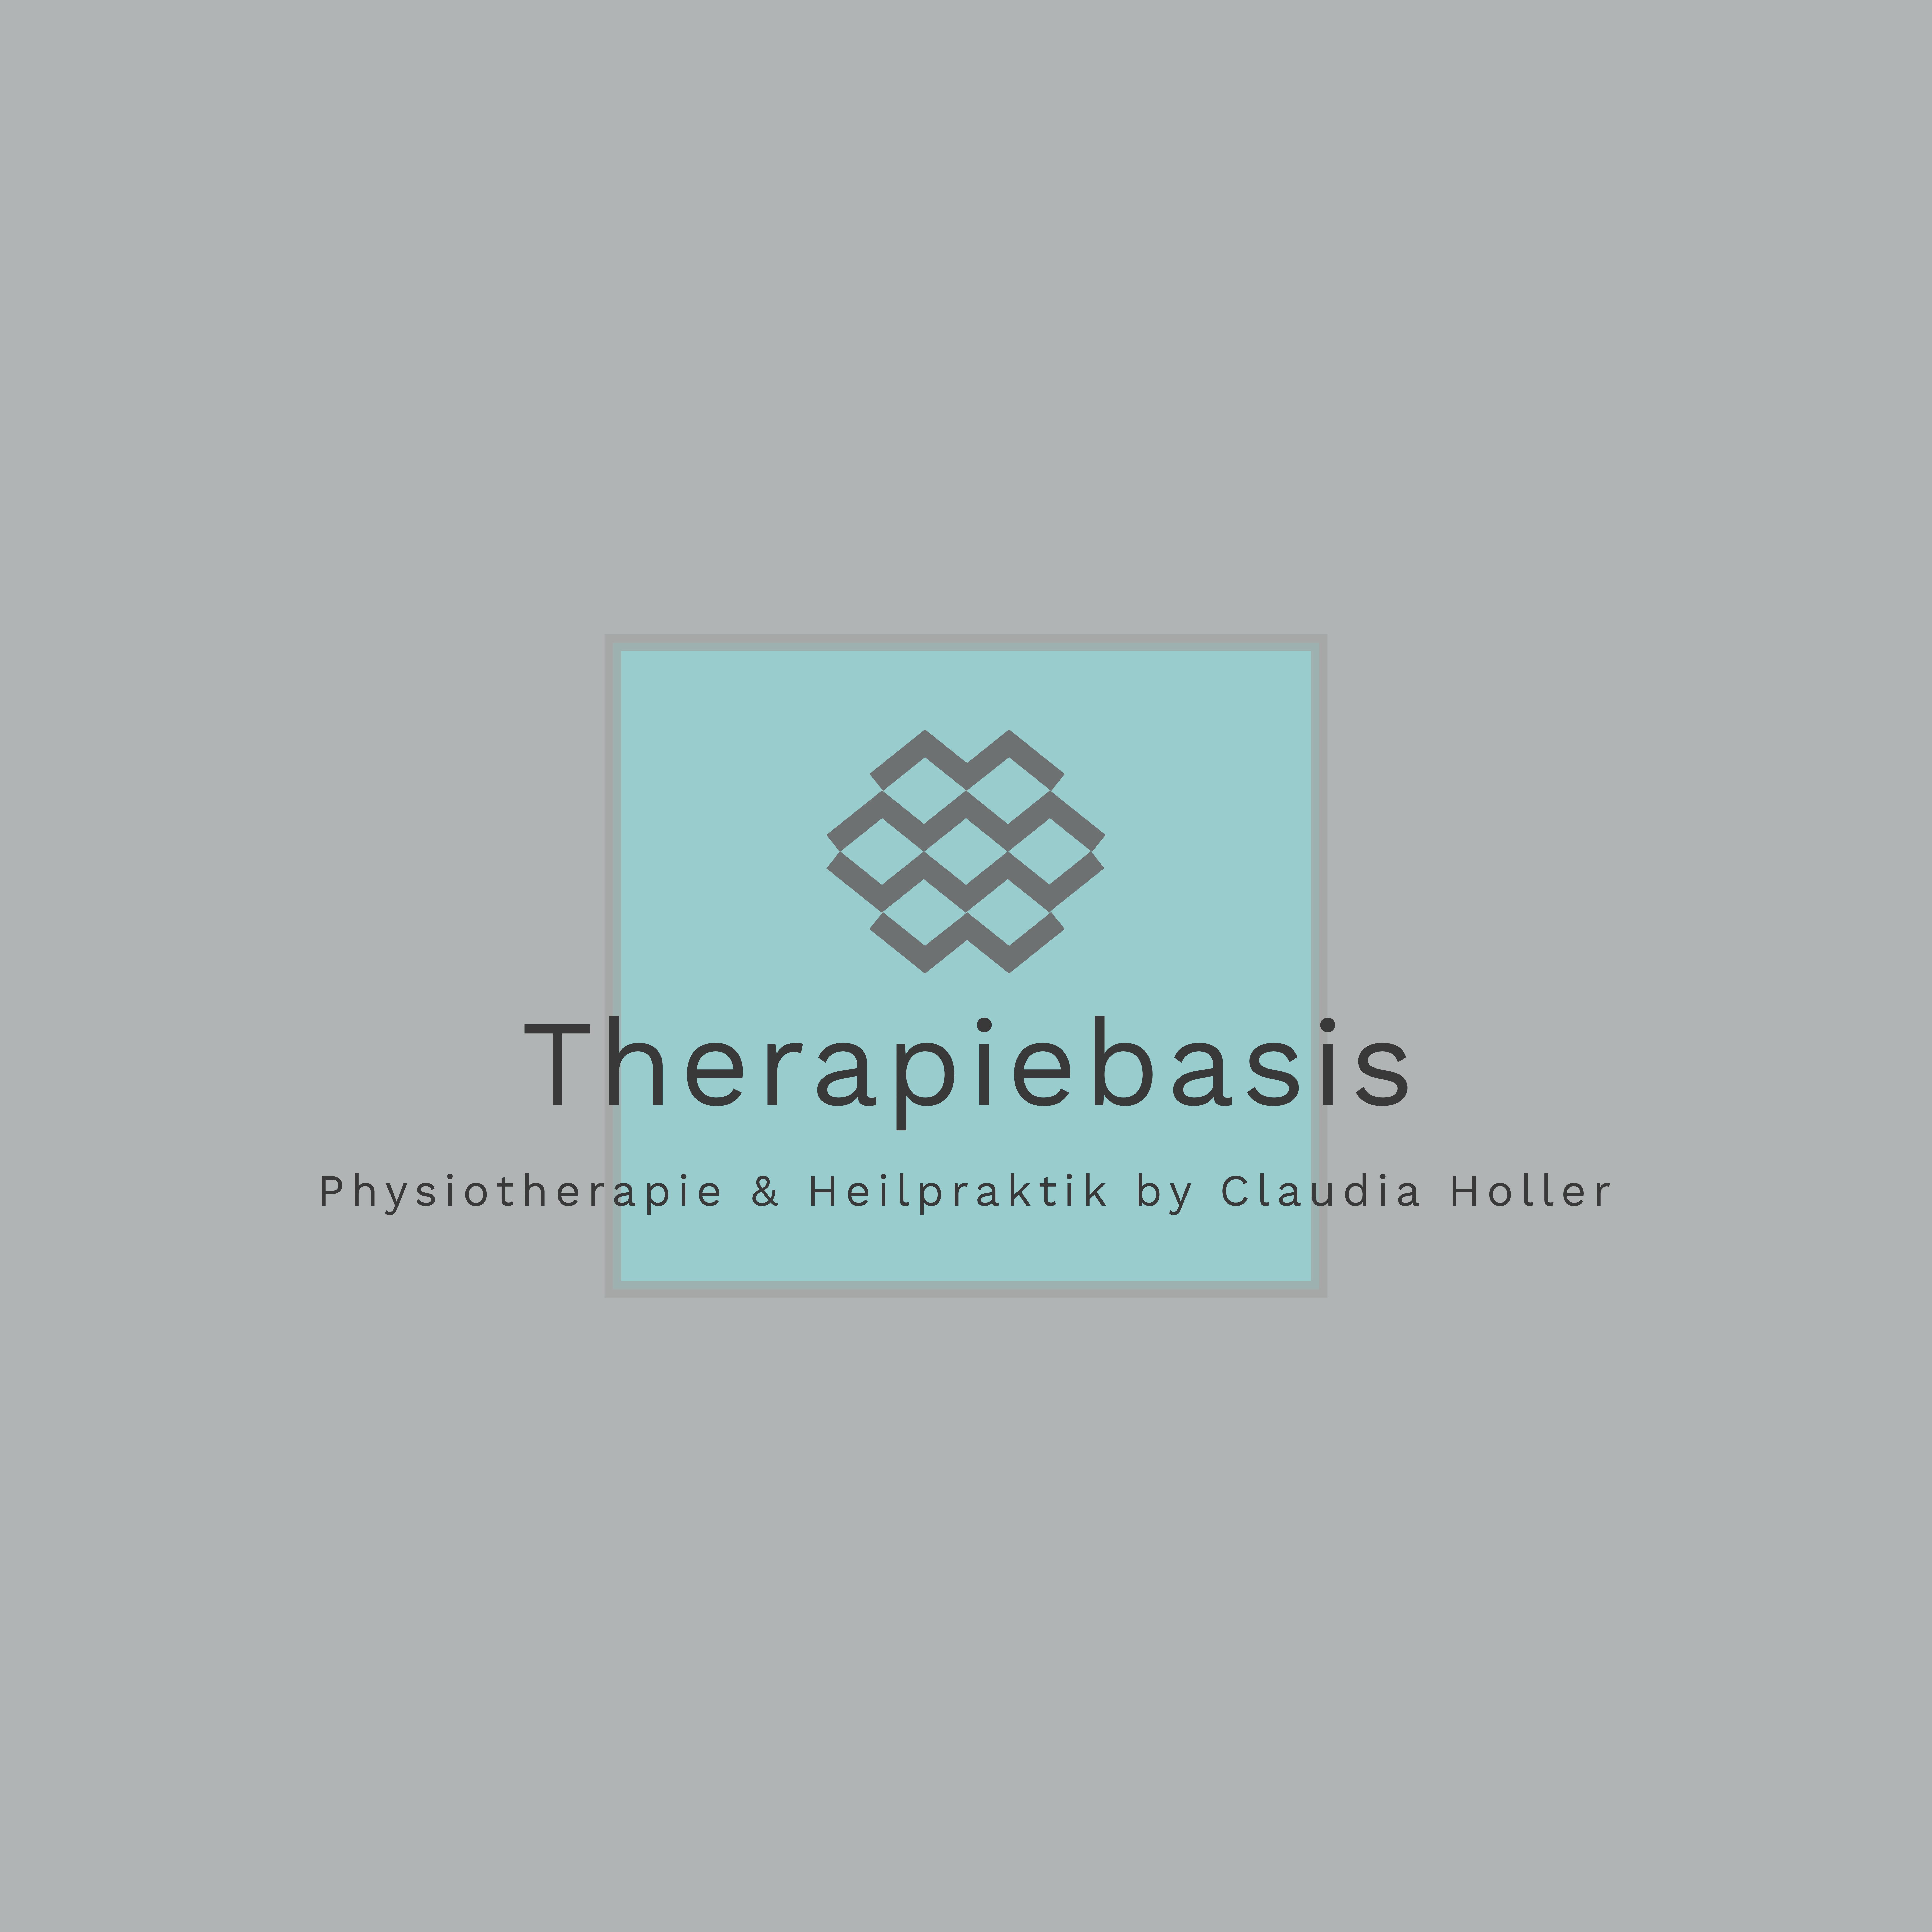 Therapiebasis Spremberg